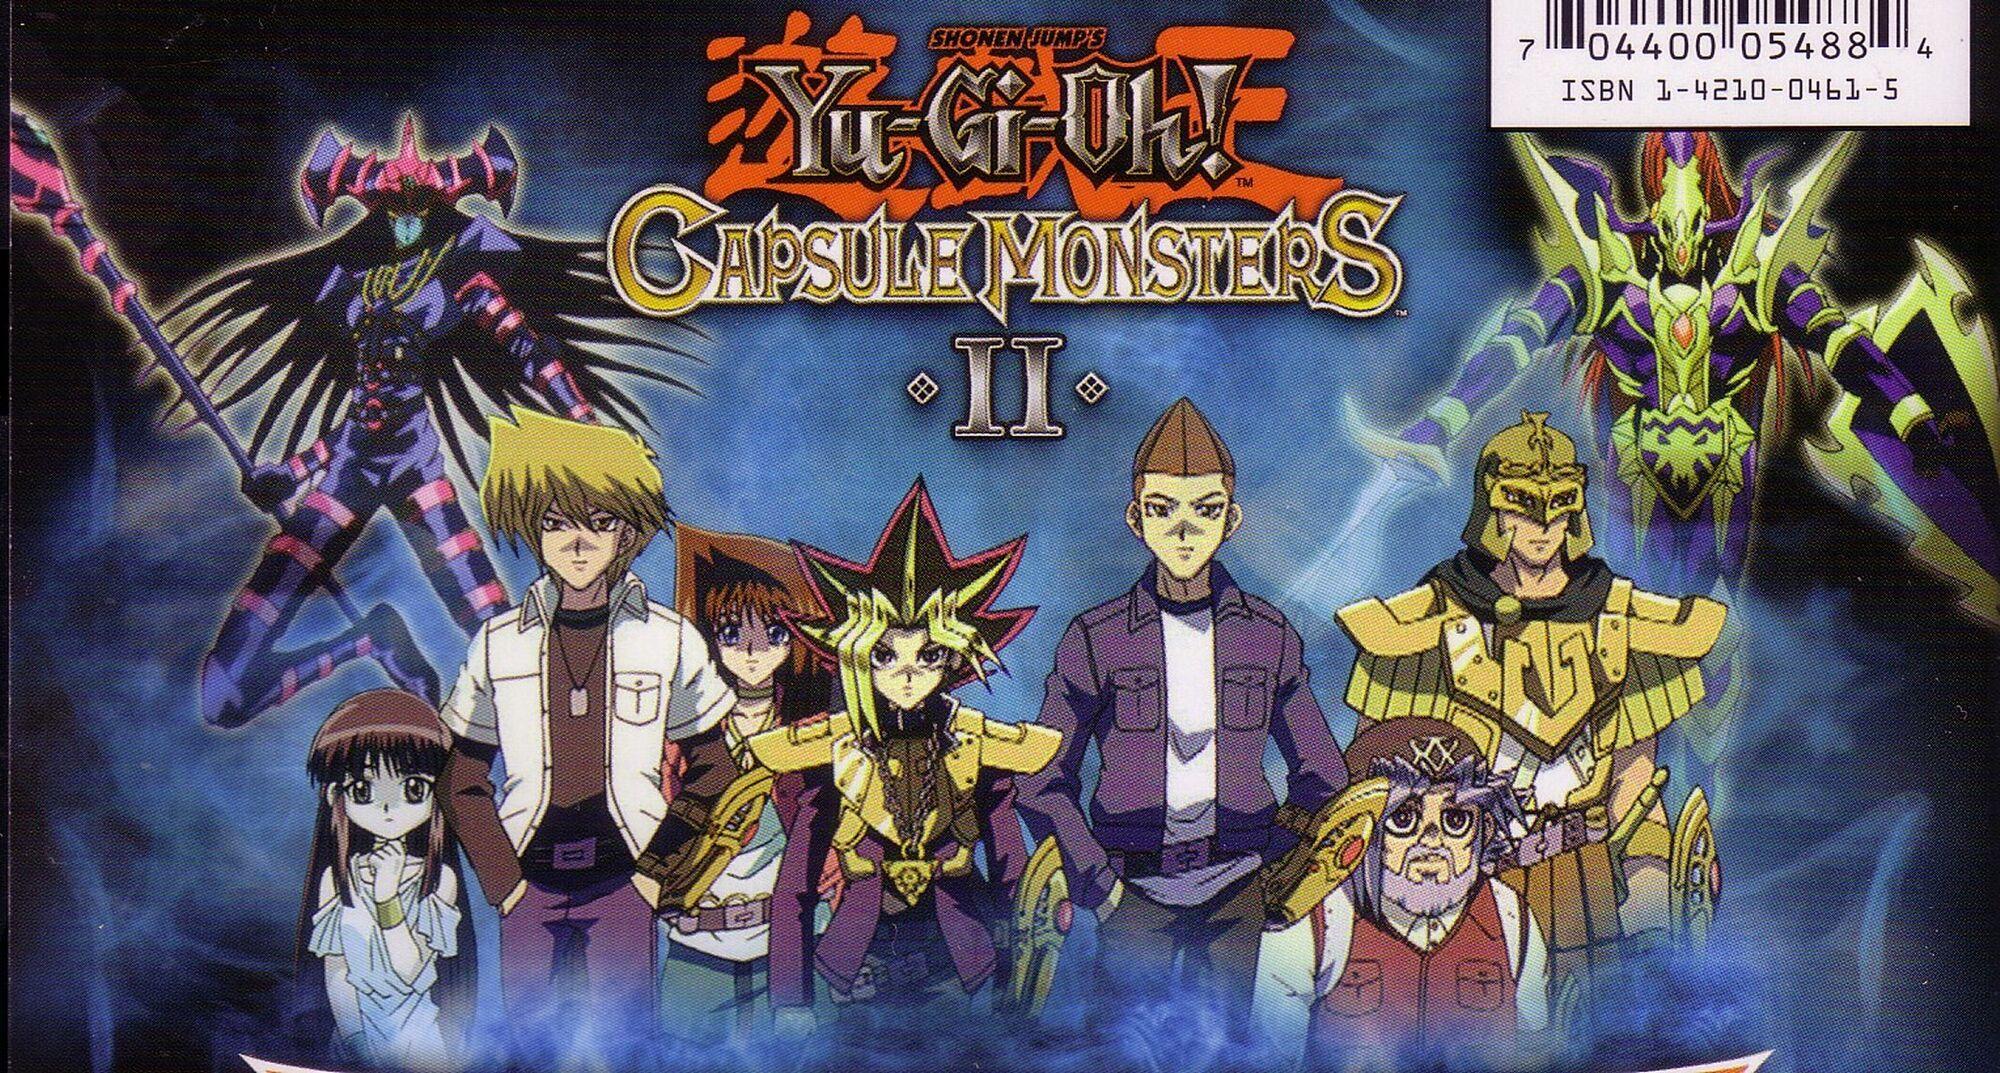 Yugioh Capsule Monsters